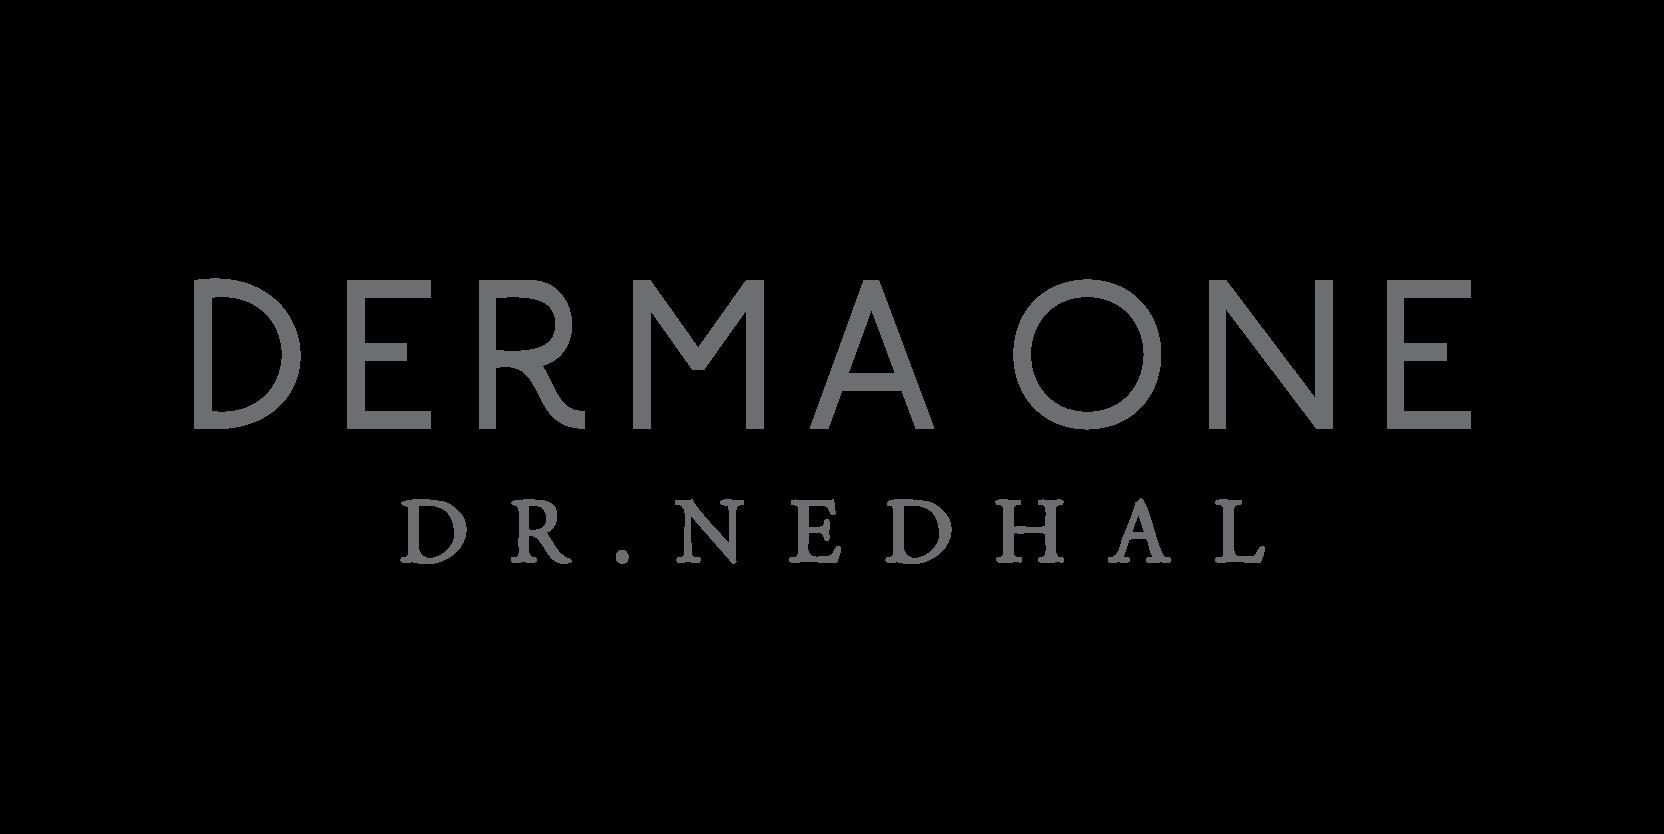 derma one